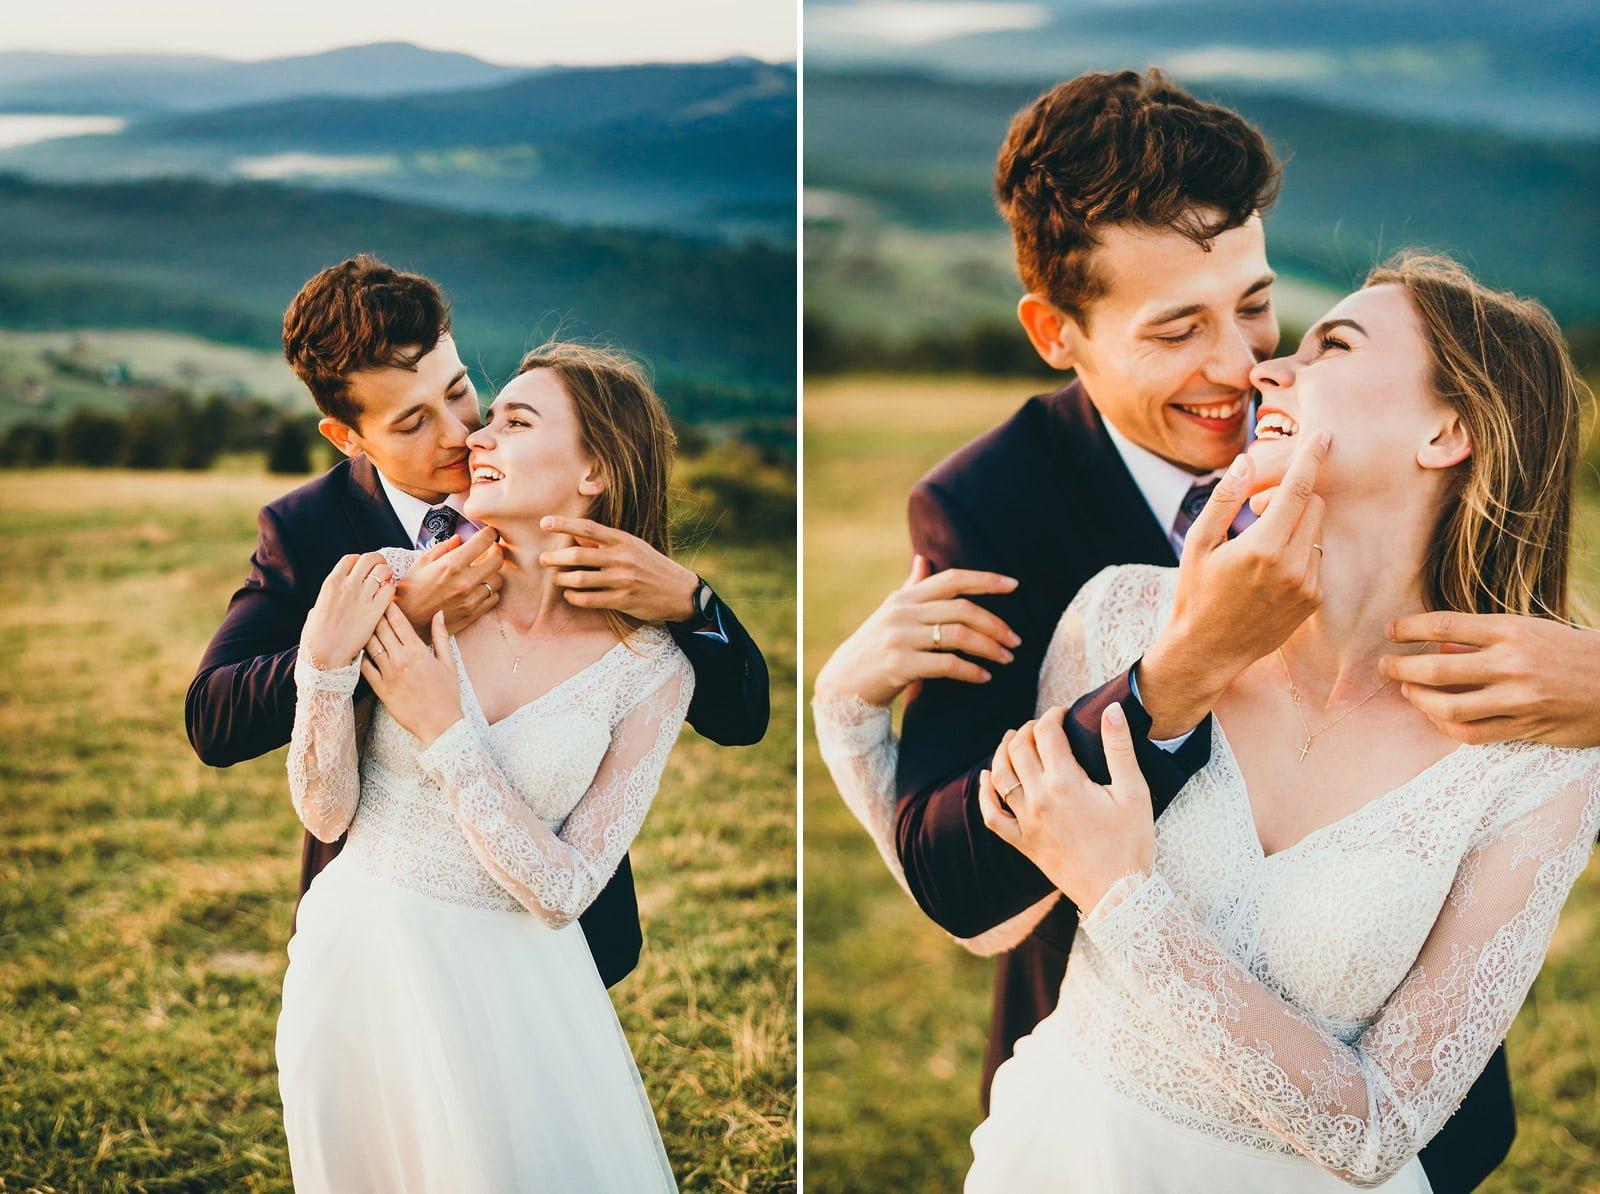 Sesja ślubna w górach - Ochodzita 11